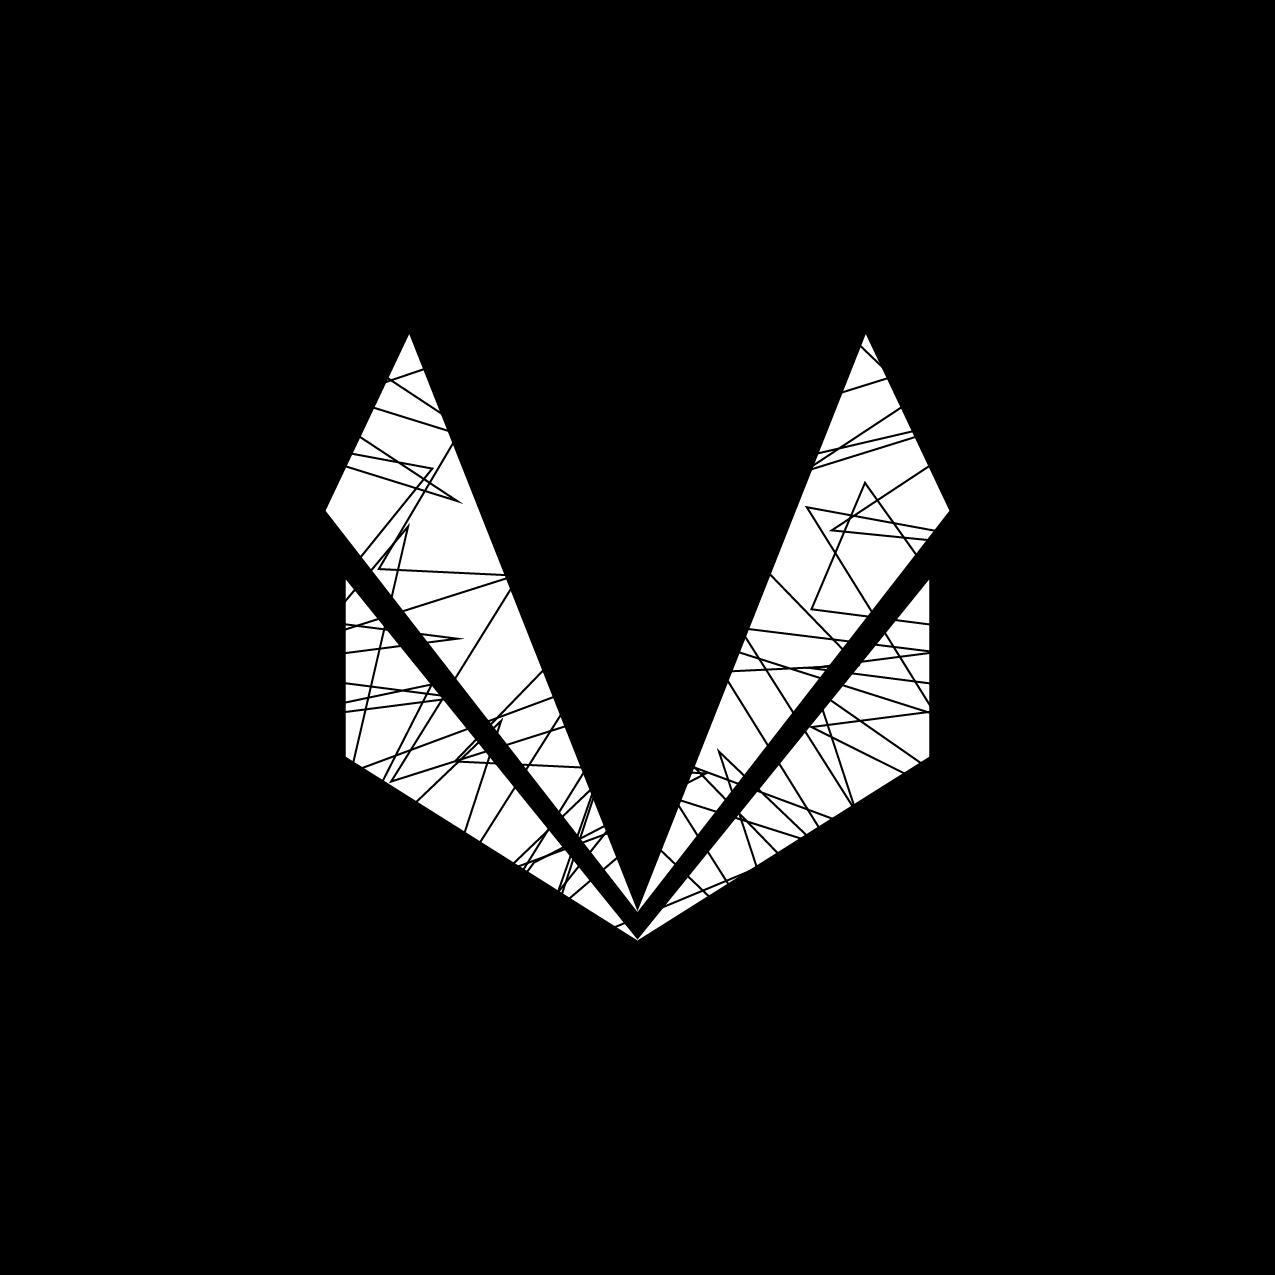 Letter V1 Design by Furia